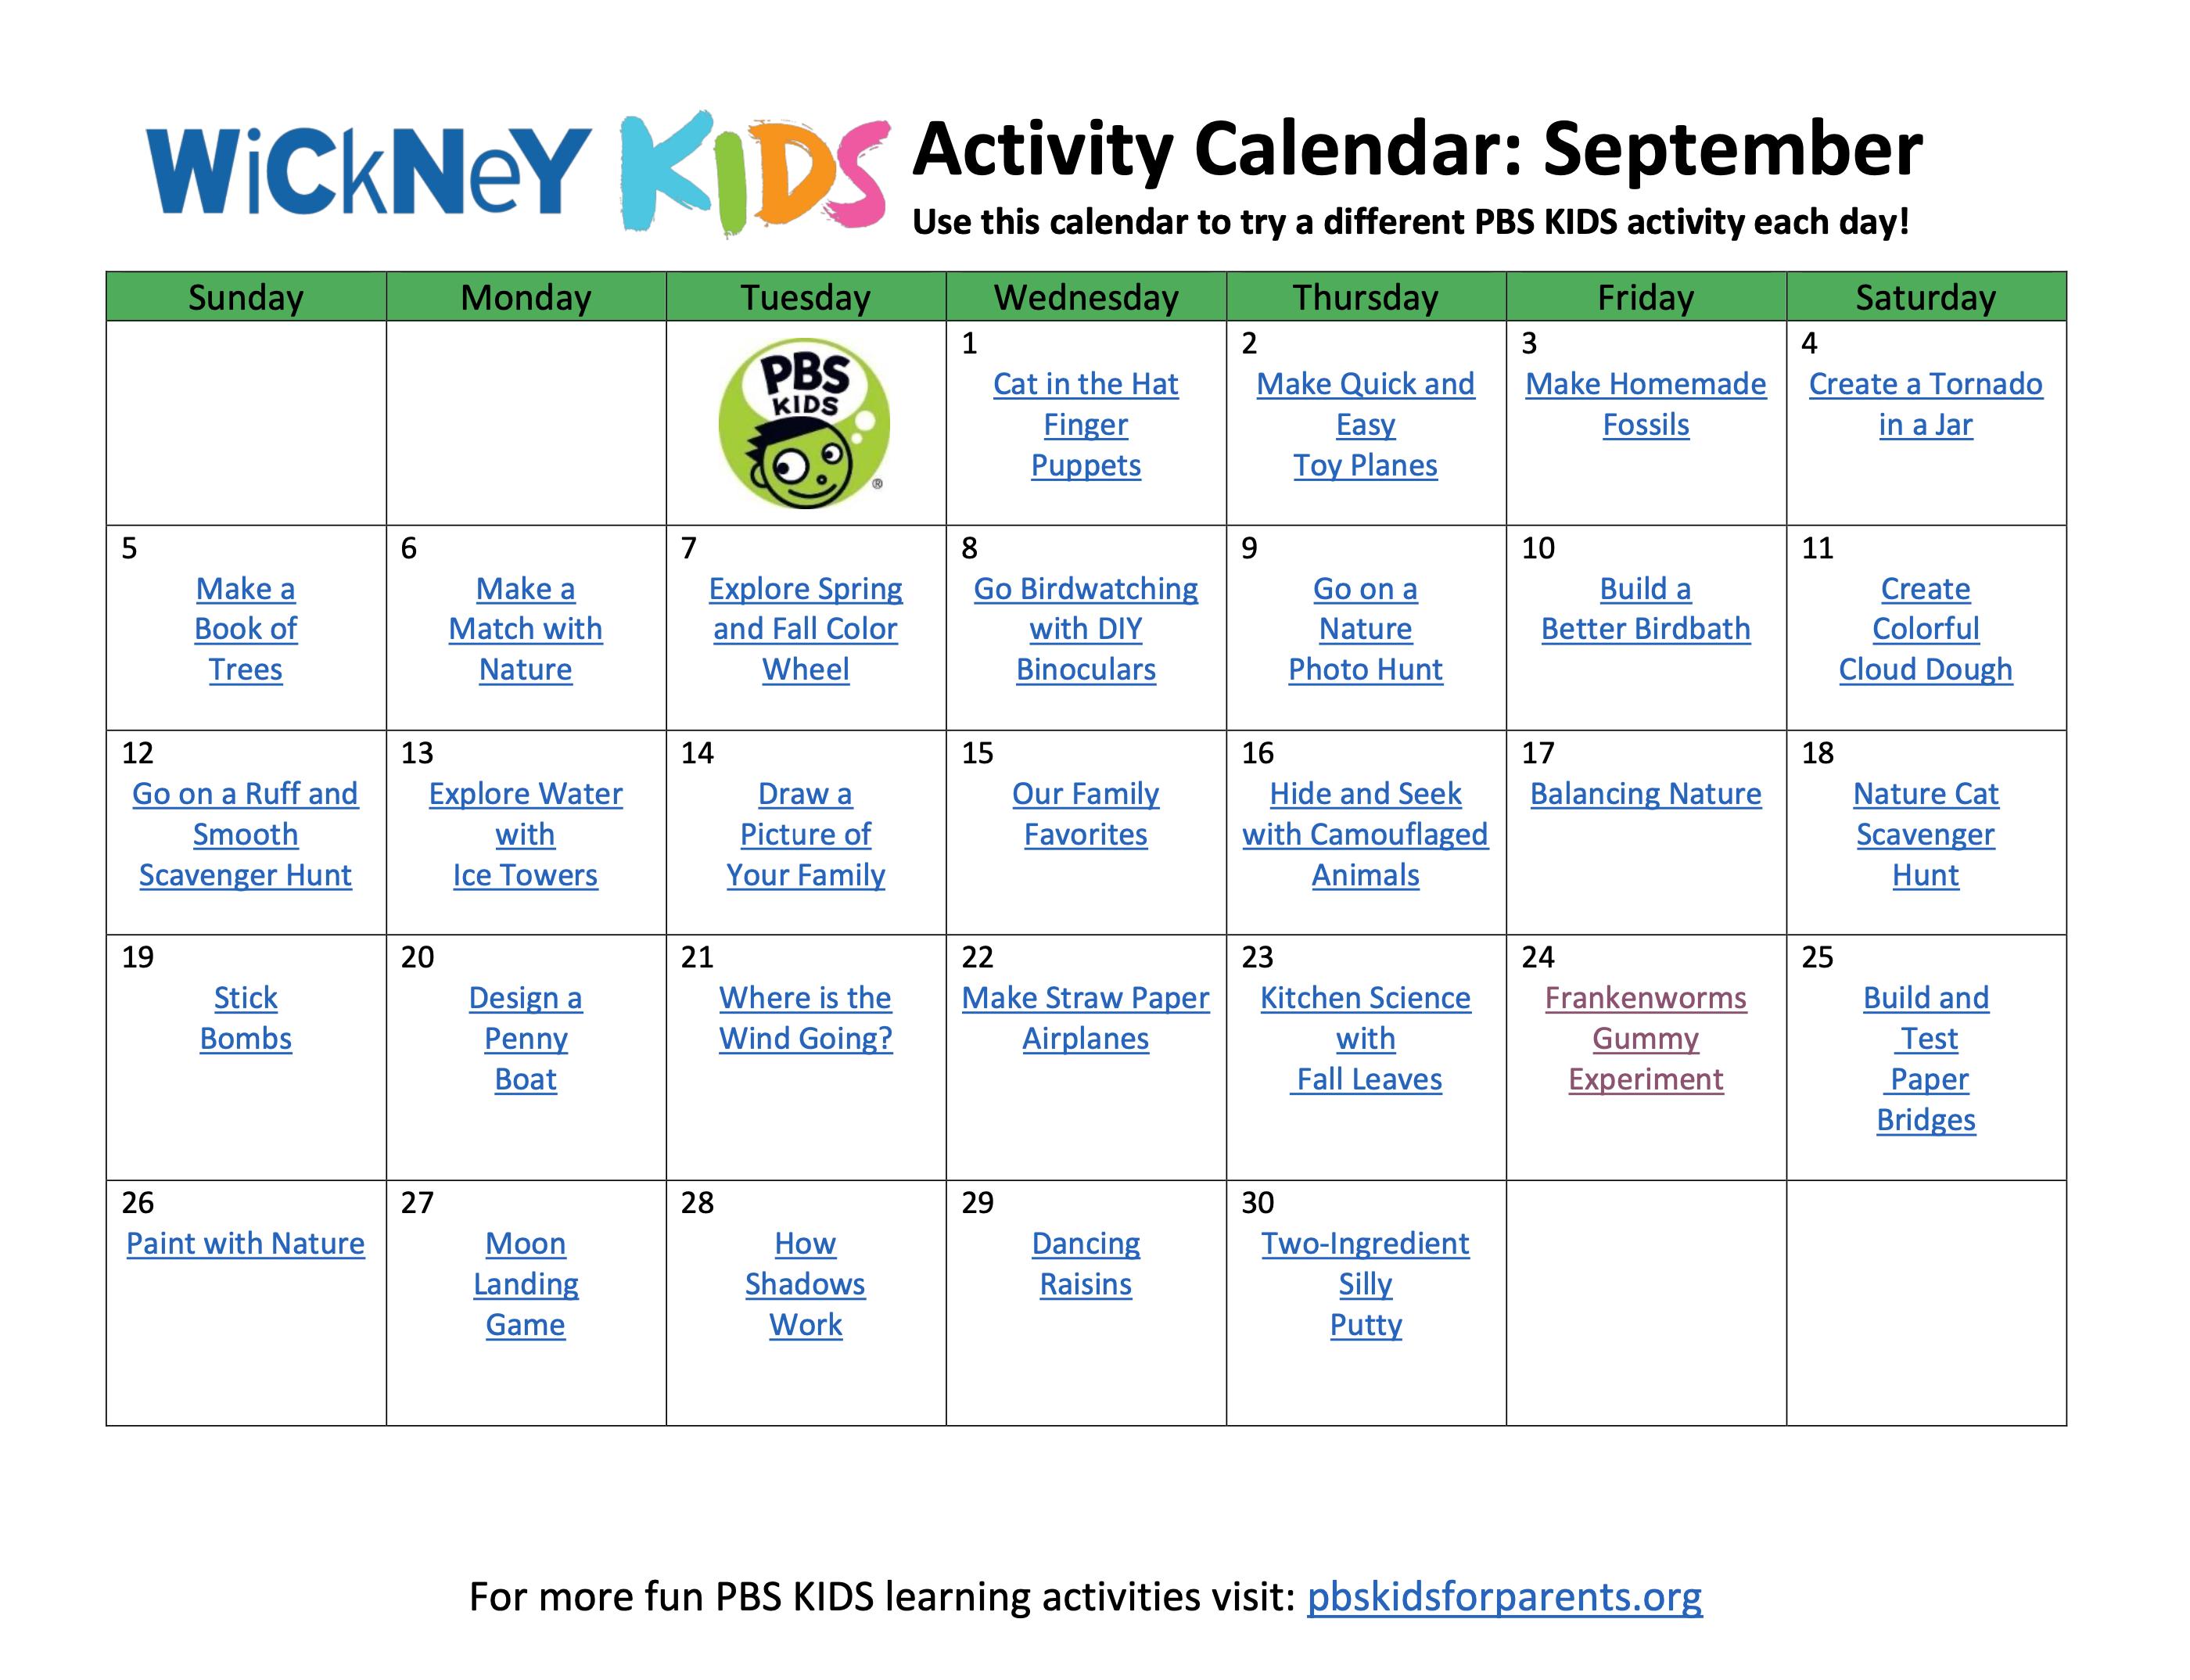 DailyActivityCalendar_August2021